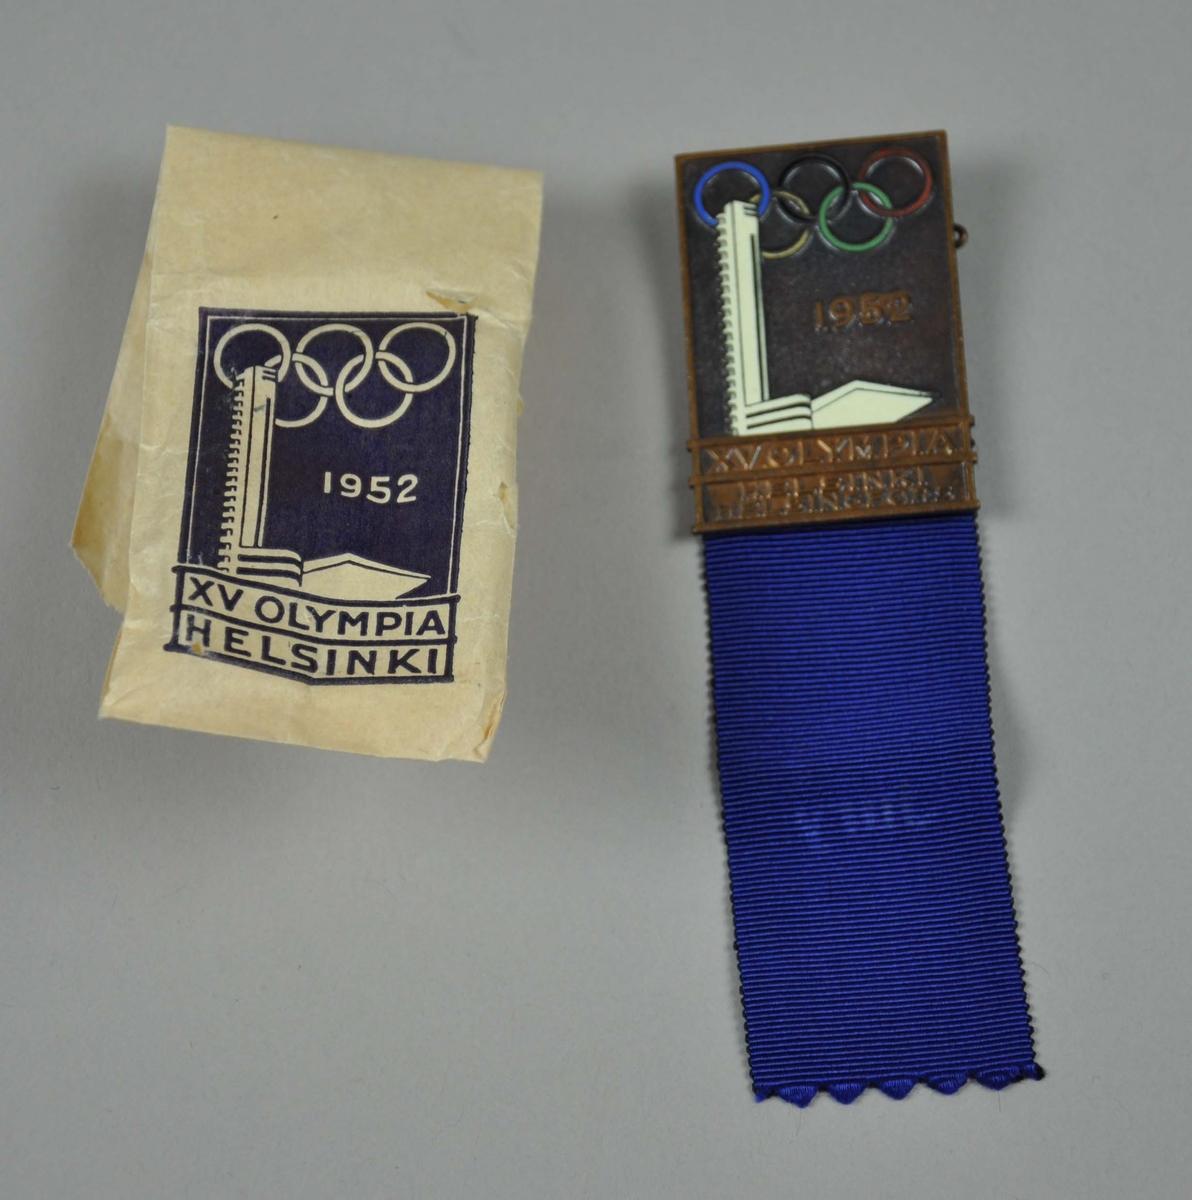 Emaljert badge med de olympiske ringer i korrekte farver. Siluetten av Olympiatårnet  i hvitt og årstallet 1952. Nederst på metallet kommer innskriften :XV OLYMPIA HELSINKI  HELSINGFORS.Blått bånd er festet i binders bak på badgen,påtrykk: Jury. Badgen ligger i hvit original papirpose med identisk påtrykk i blått.